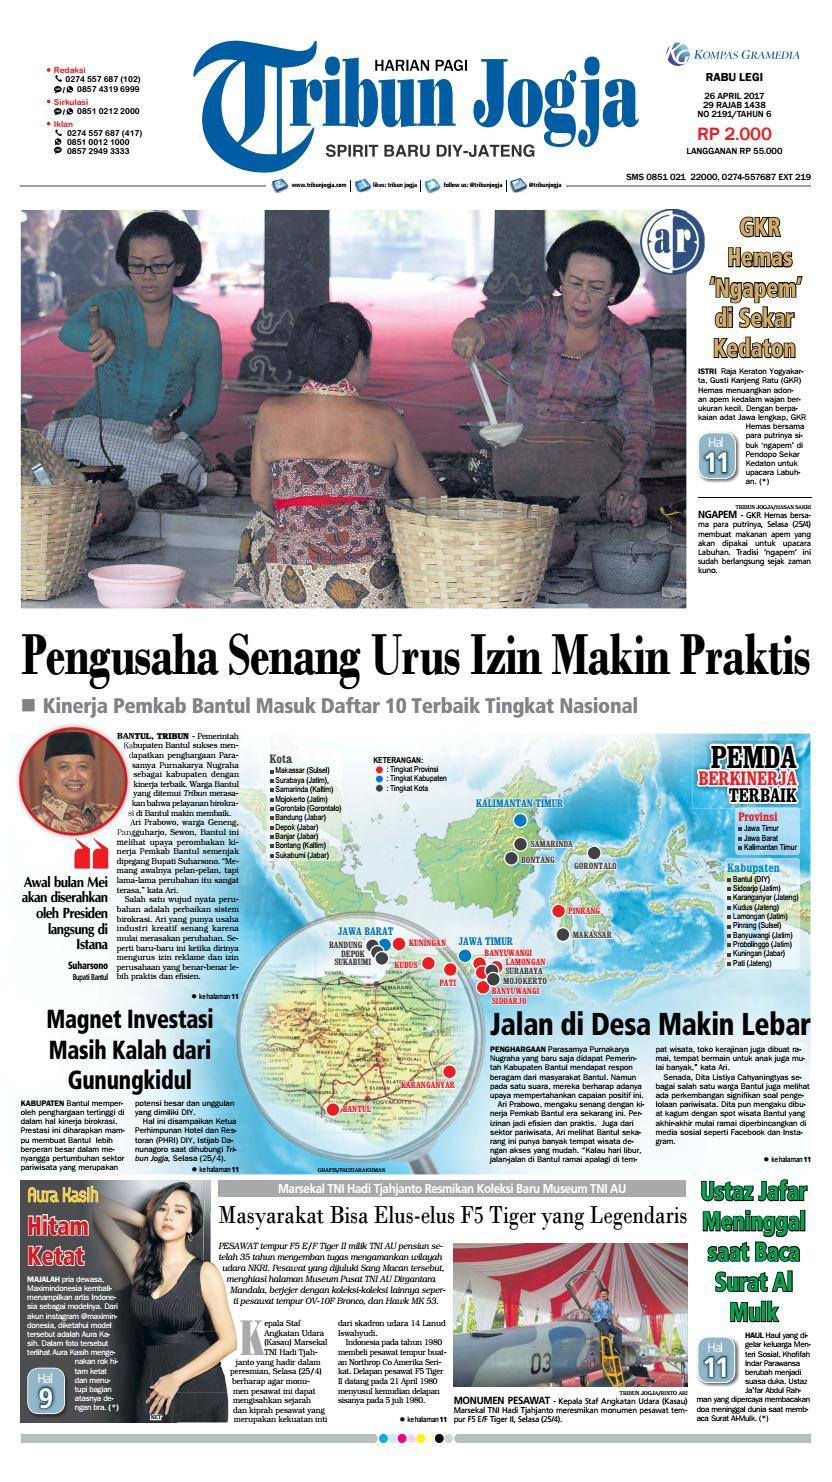 toko athiya gypsum & baja ringan kabupaten kudus jawa tengah tribunjogja 26 04 2017 by tribun jogja issuu